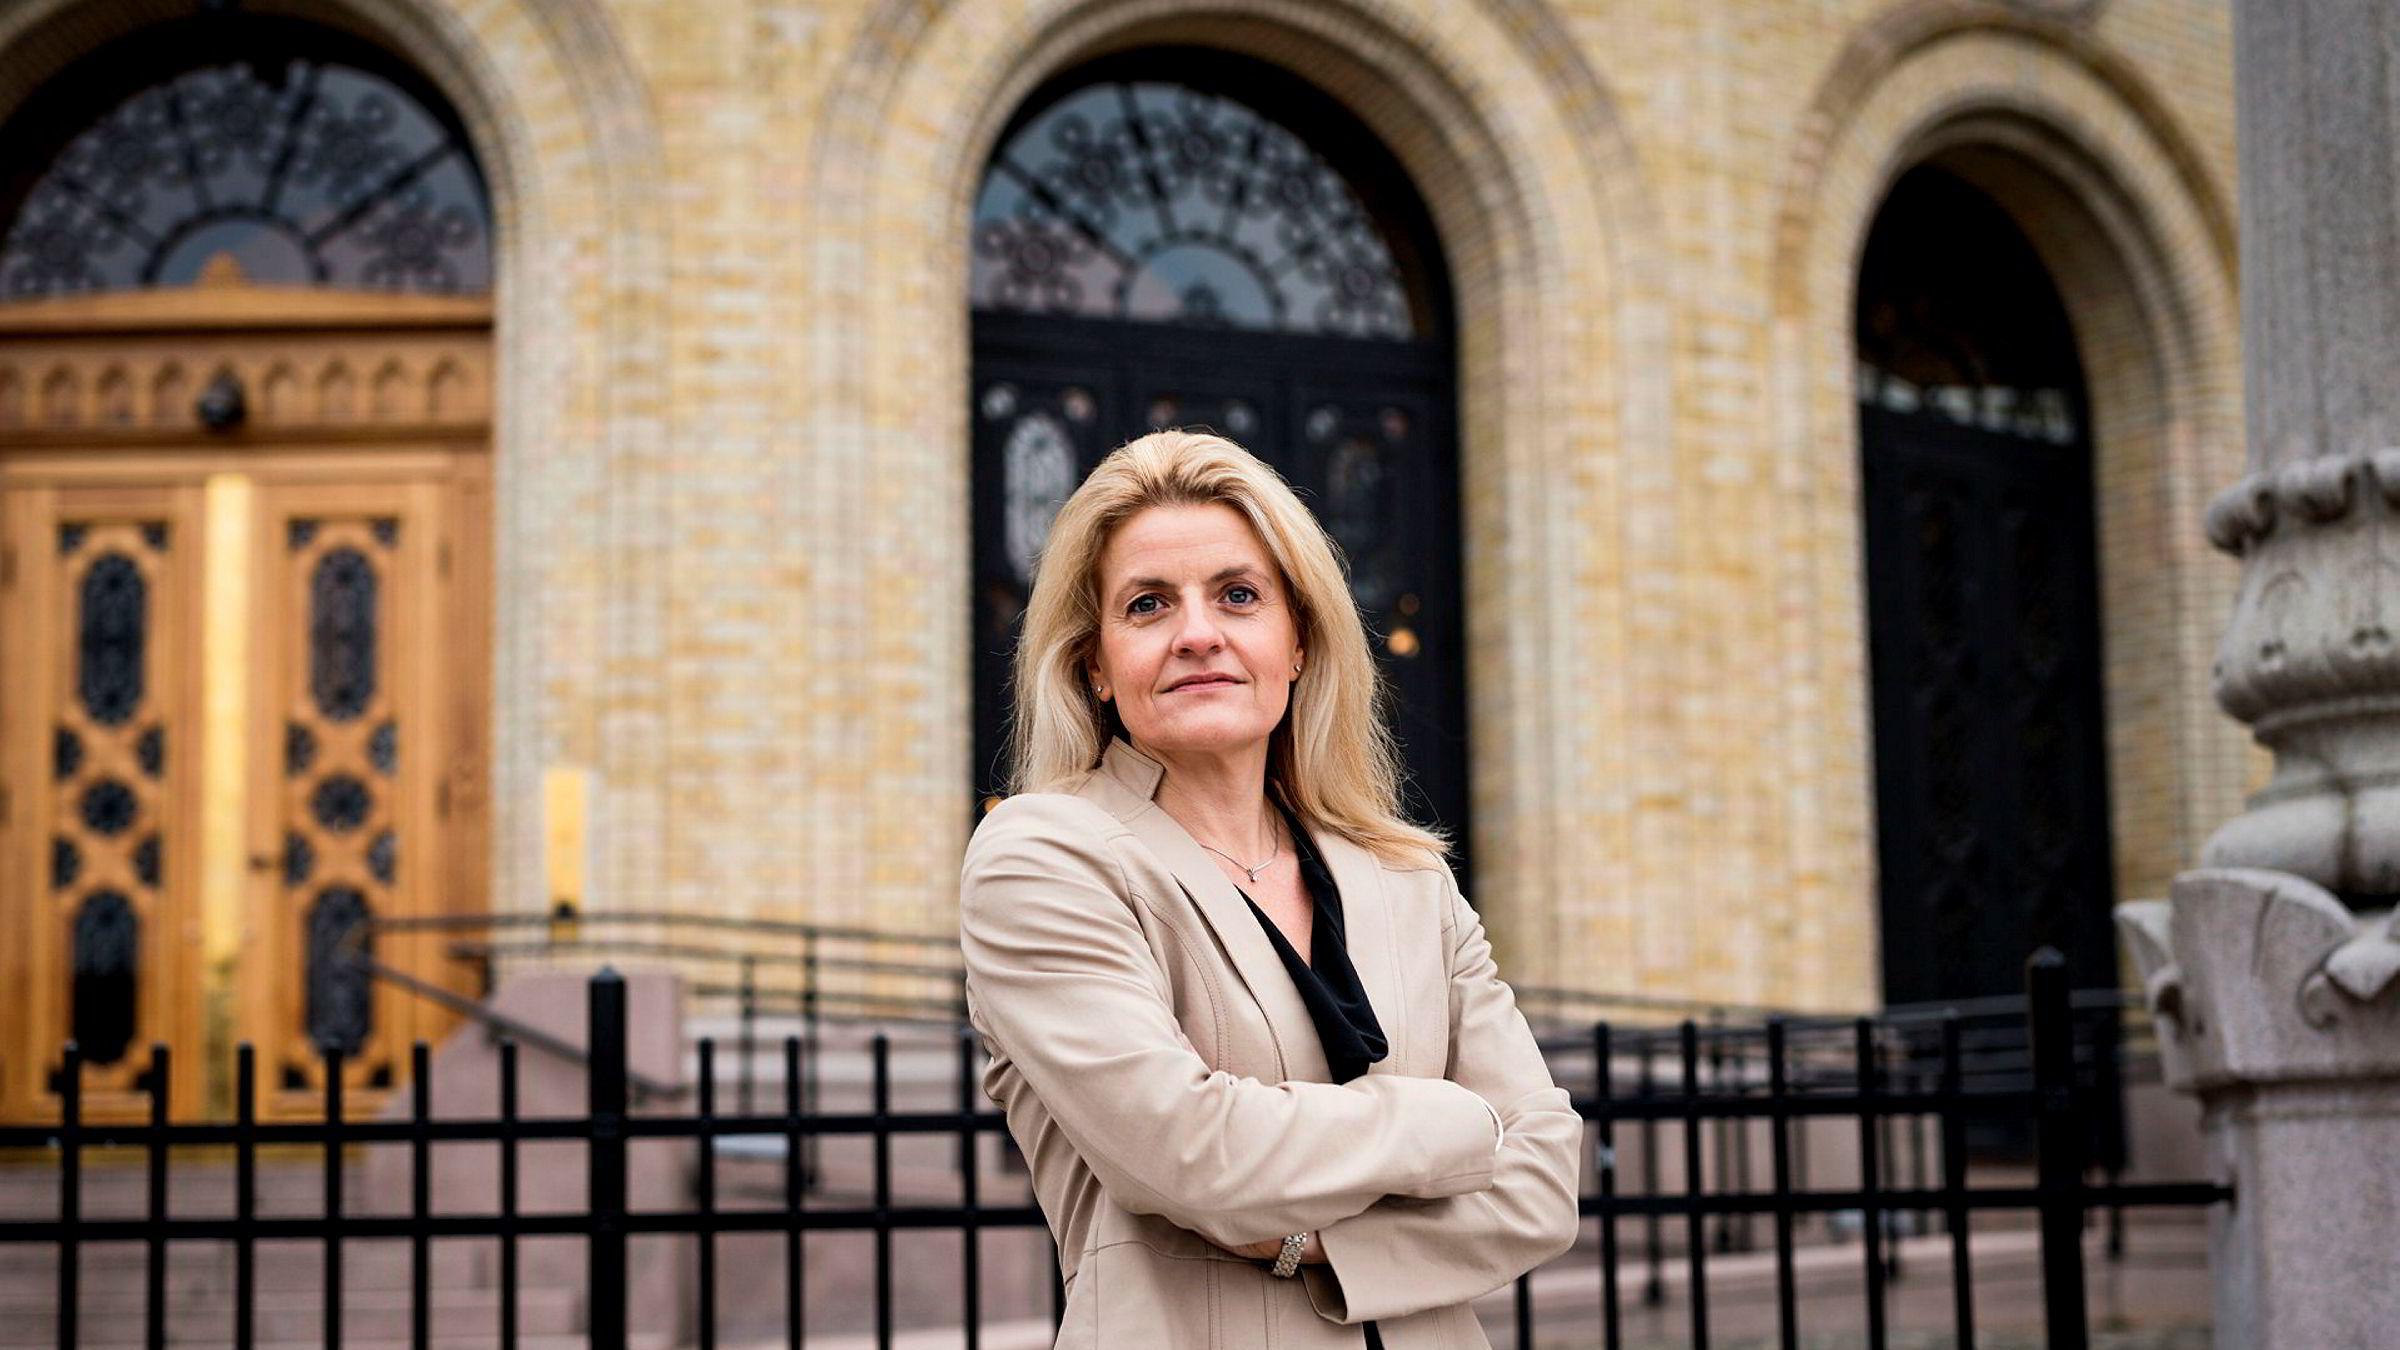 Forbrukerrådets direktør Inger Lise Blyverket mener det er på høy tid at det blir gjort noe med inkassobransjens gode inntjening.